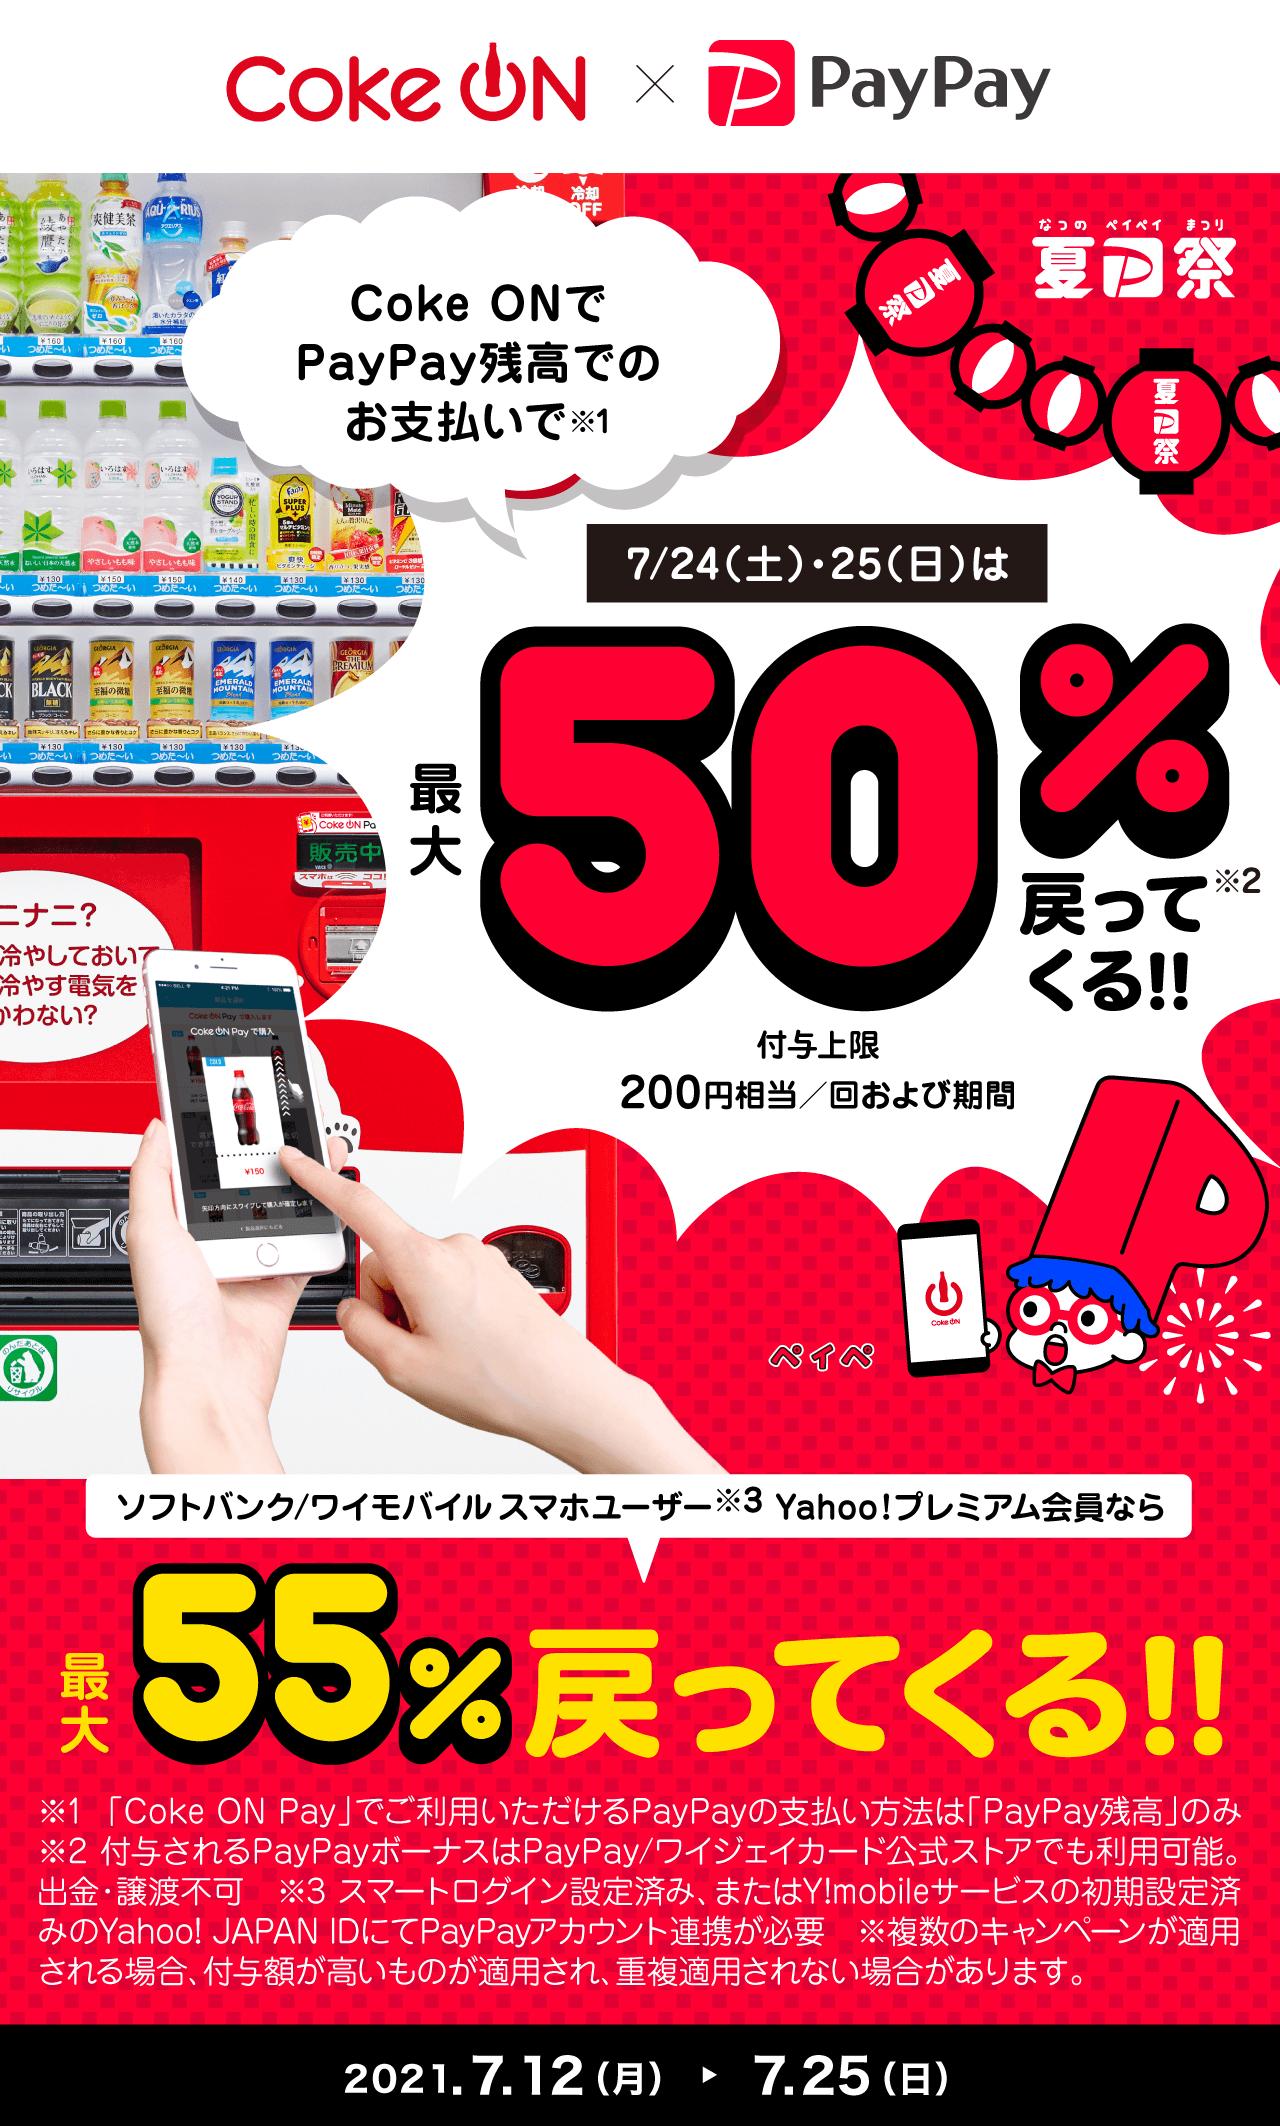 7/24(土)・25(日)はCoke ONでPayPay残高でのお支払いで 最大50%戻ってくる!!